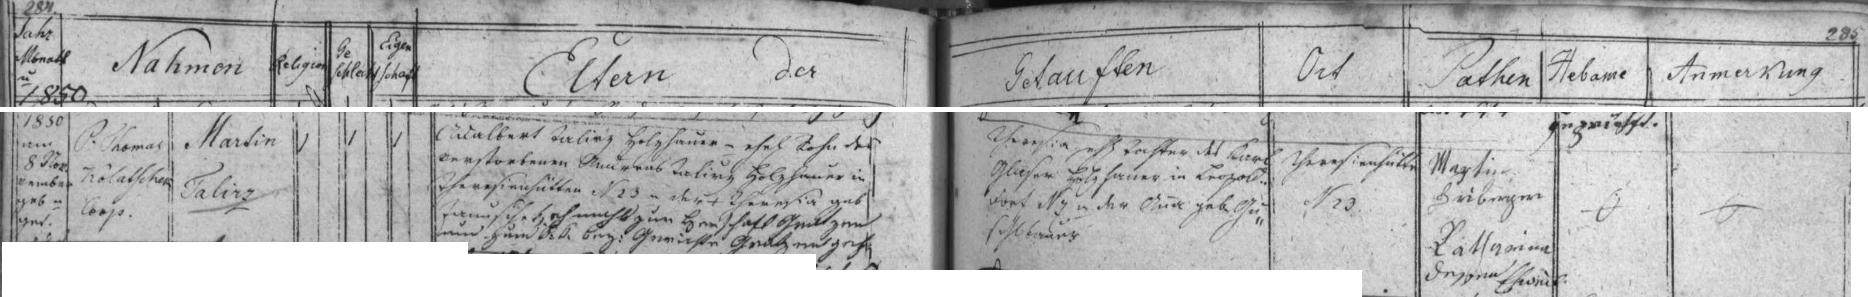 Záznam o narození jeho děda Martina Talirze dne 8. listopadu roku 1850 ve dnes zcela zaniklé Terčí Huti, z něhož vysvítá, že byl synem Vojtěcha Talíře a vnukem Onřeje Talíře, psaných tak kdysi česky ve velešínské matrice